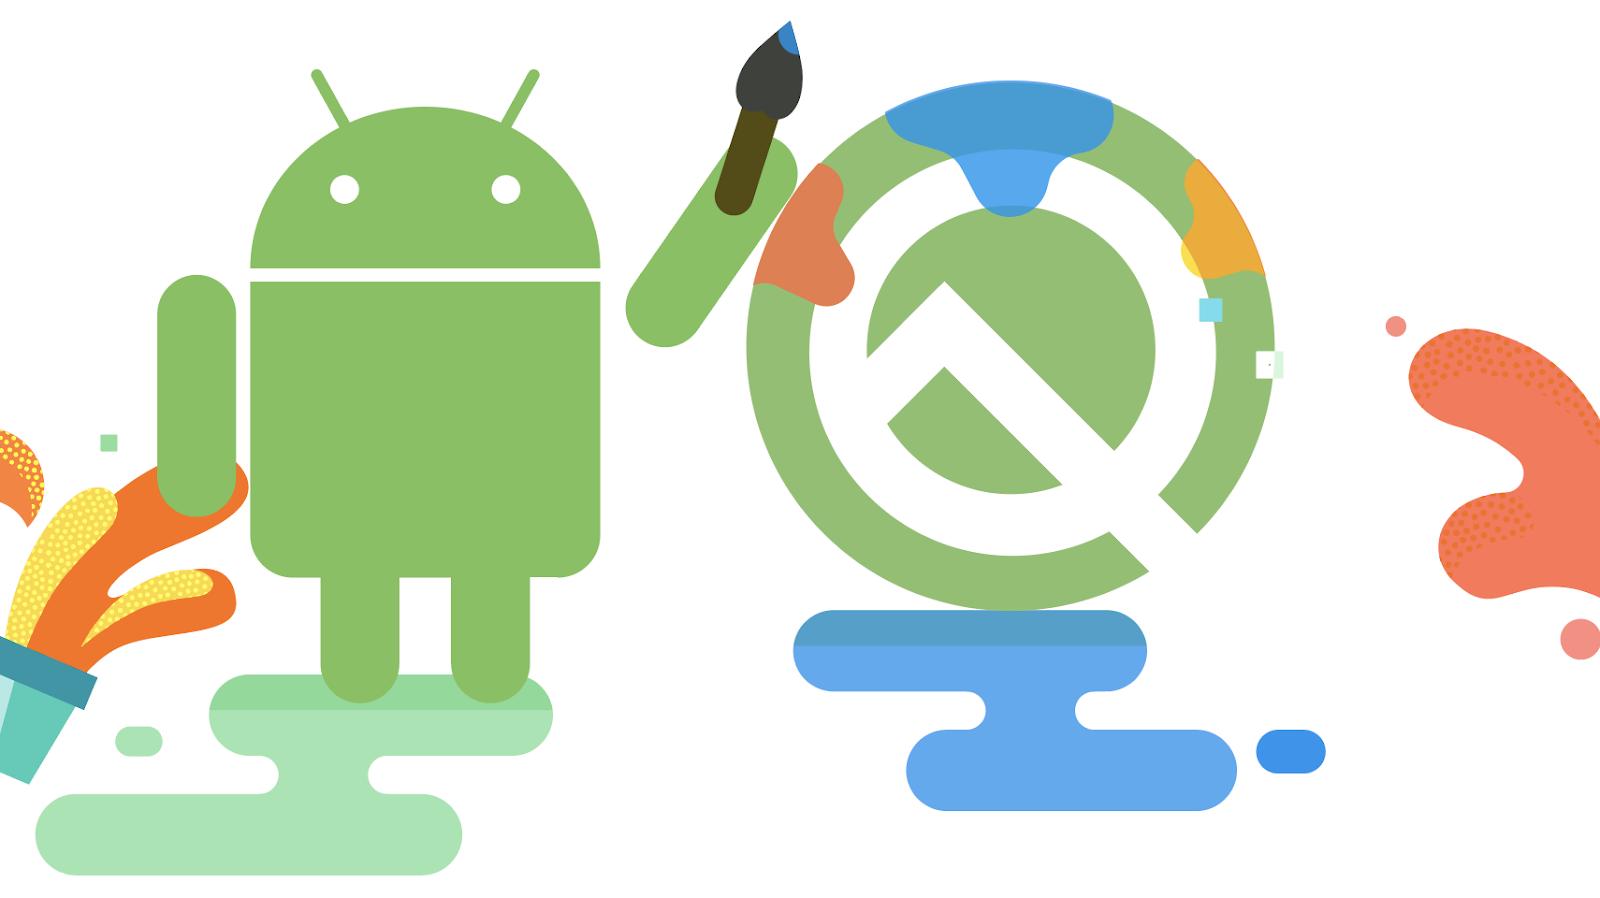 الهواتف التي ستستقبل النسخة الاختبارية من اندرويد Q وكيفية تحميل النسخة عليها